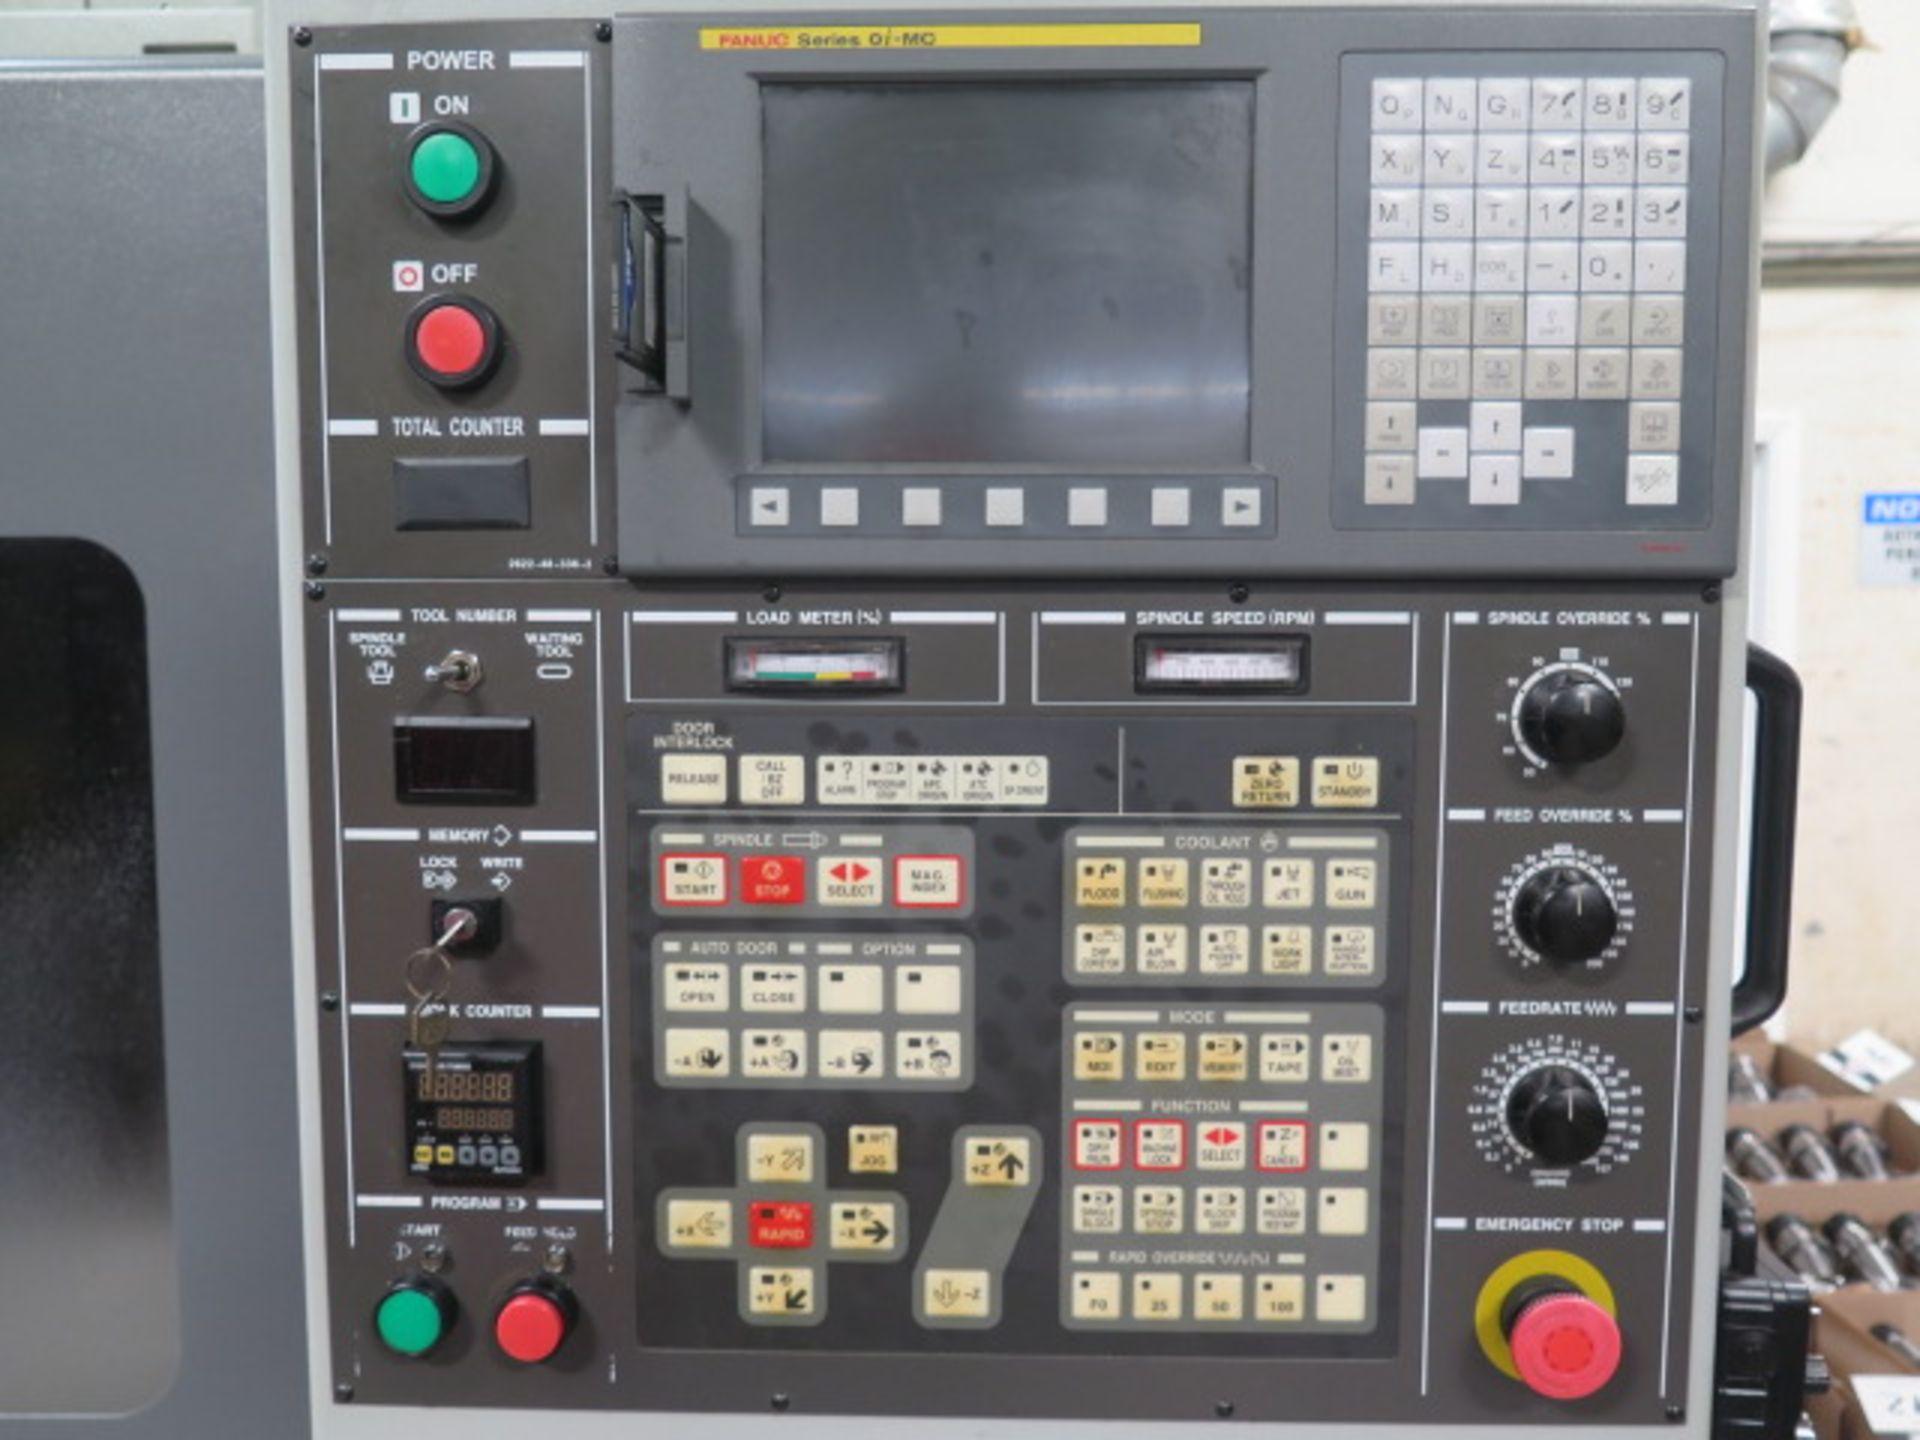 2004 Hyundai WIA VX500 4-Axis CNC VMC s/n VX5000882 w/ Hyundai WIA Fanuc i- Series, SOLD AS IS - Image 7 of 23